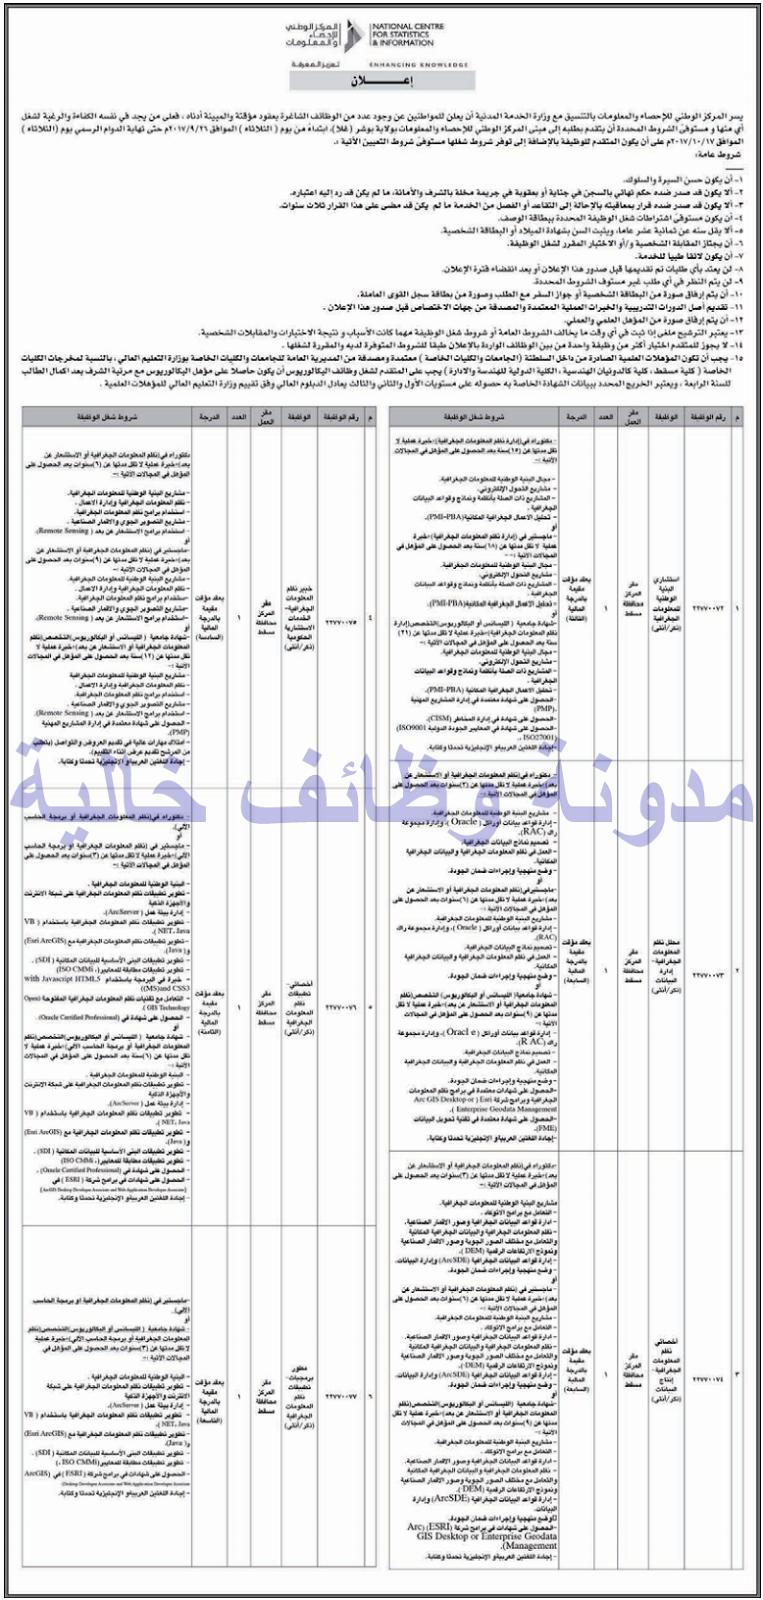 وظائف شاغرة فى جريدة عمان سلطنة عمان الثلاثاء 26-09-2017 %25D8%25B9%25D9%2585%25D8%25A7%25D9%2586%2B4